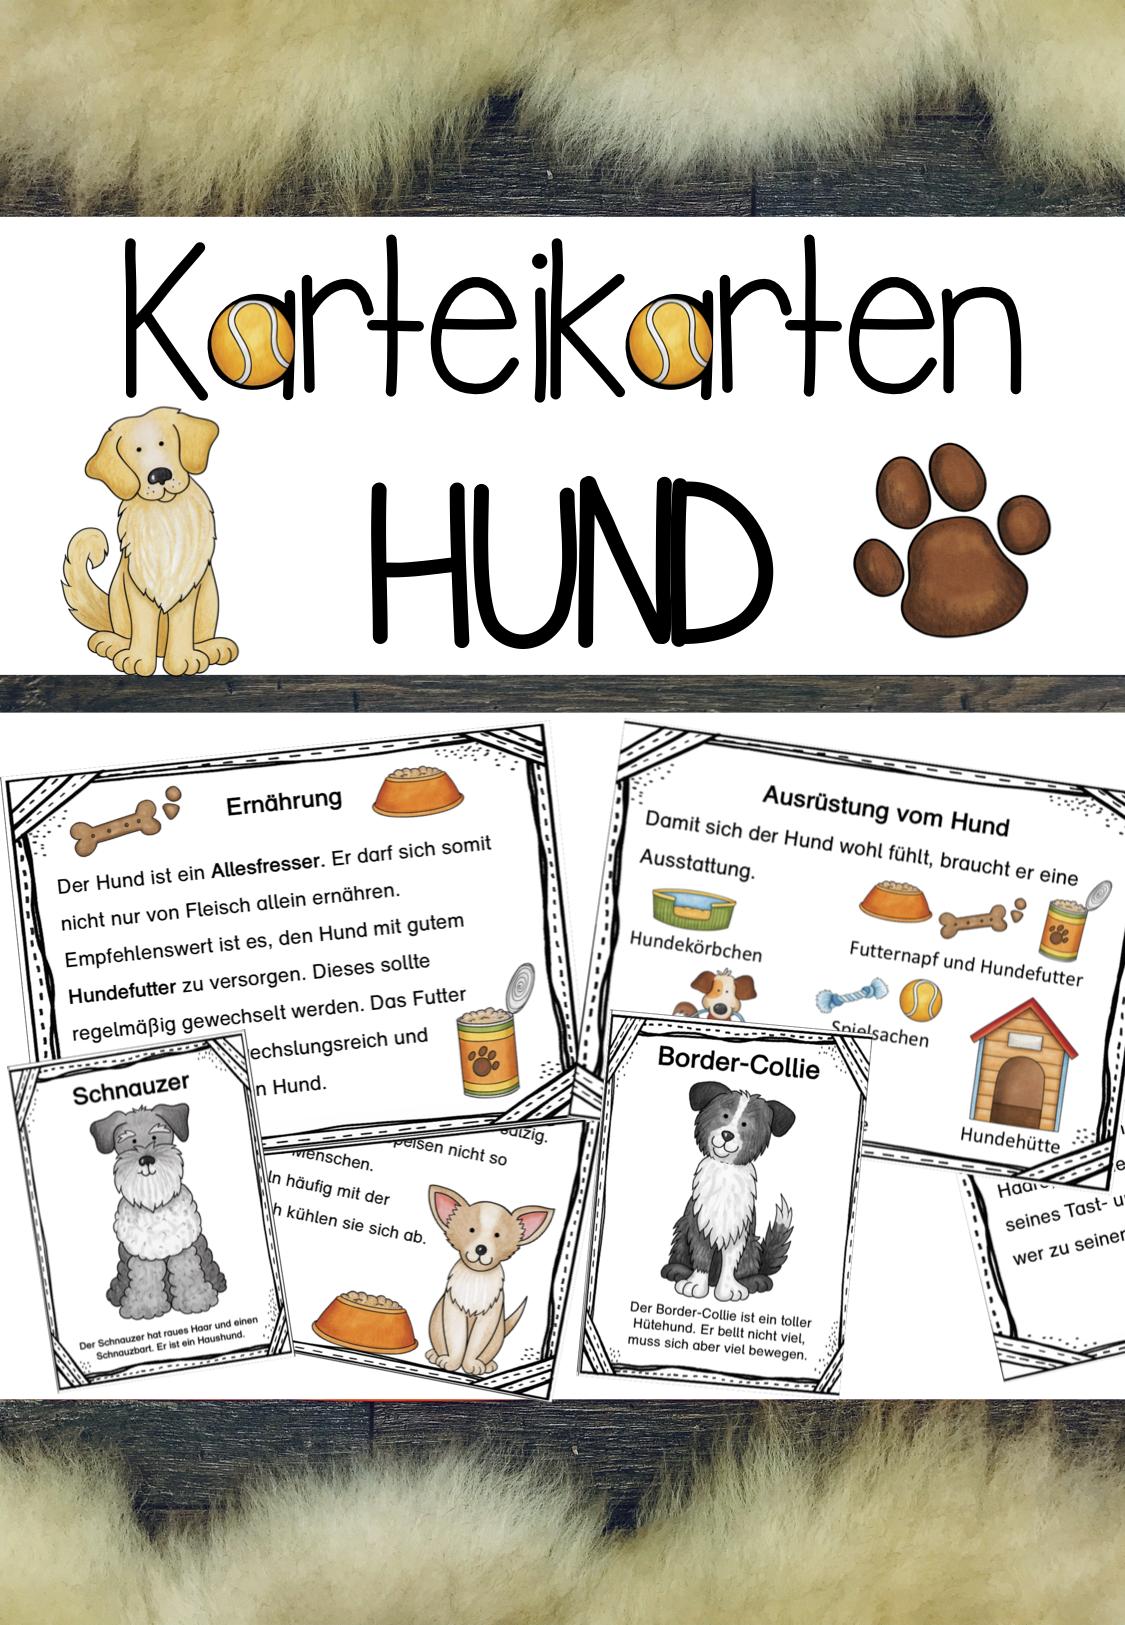 Karteikarten Zum Hund Unterrichtsmaterial Im Fach Sachunterricht Karteikarten Unterrichtsmaterial Tiergestutzte Padagogik